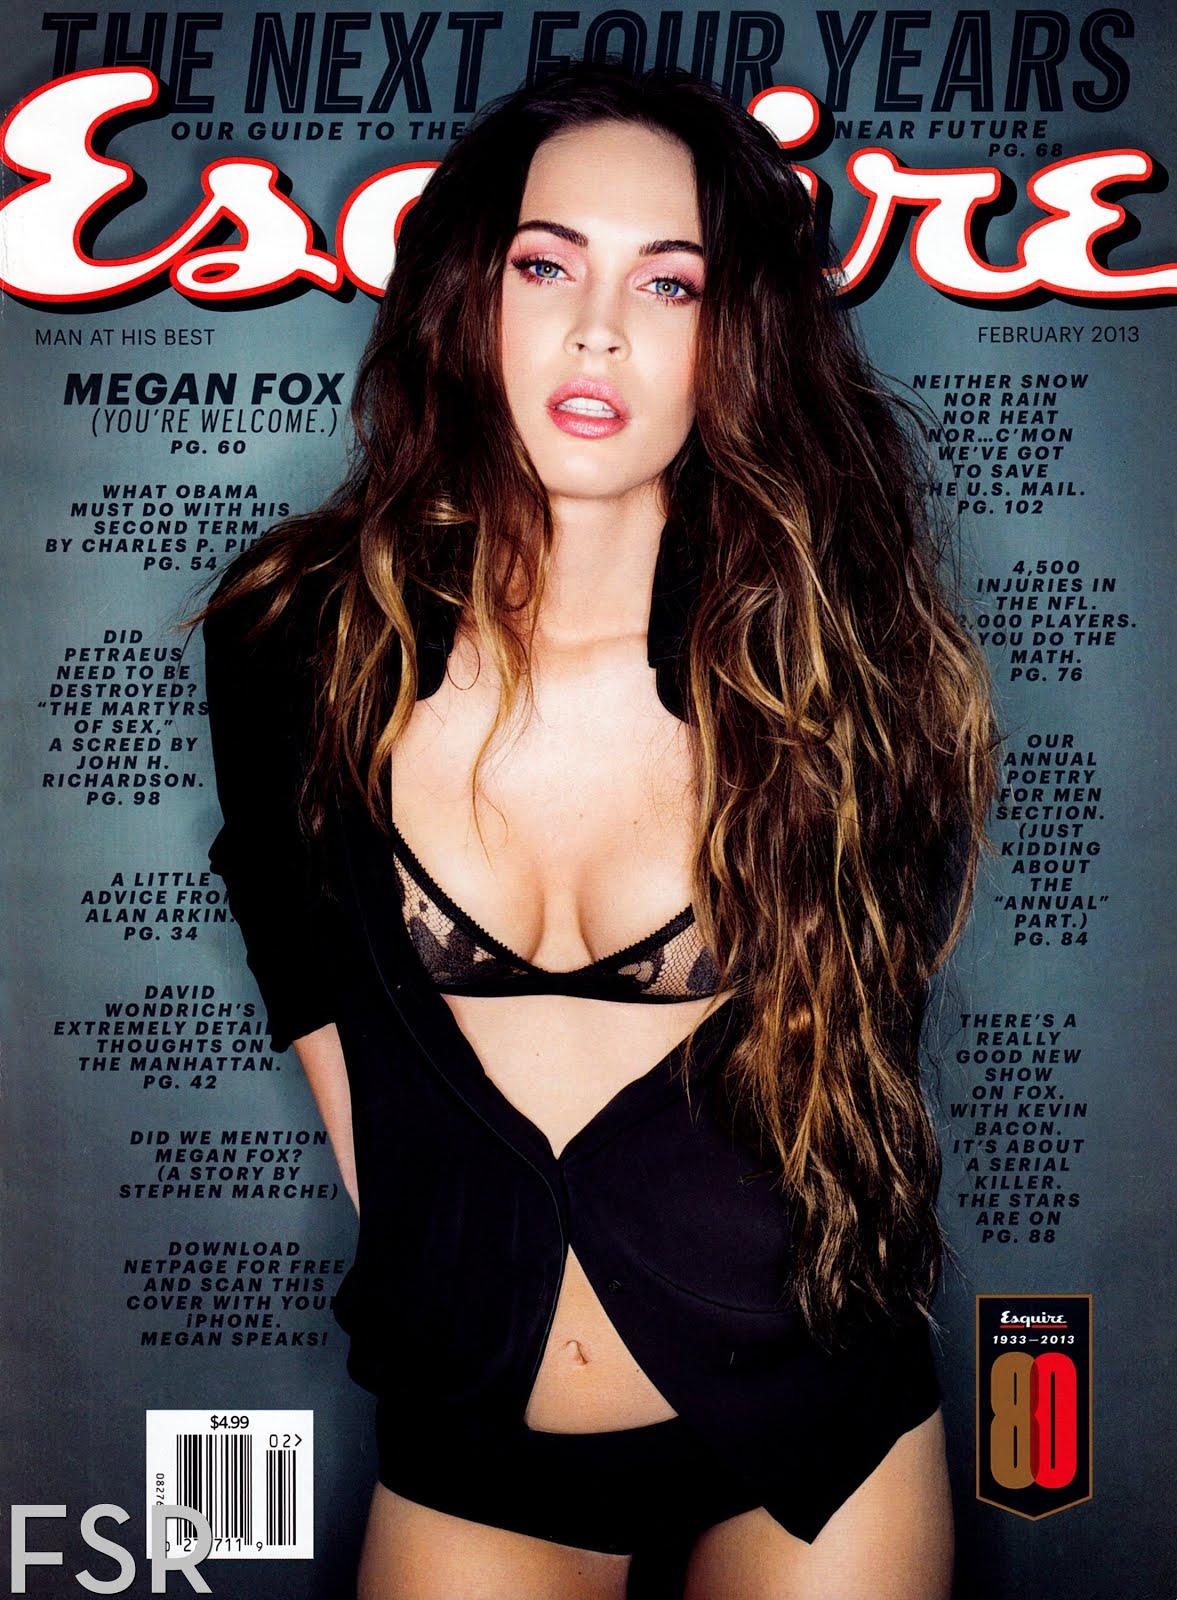 http://3.bp.blogspot.com/-mvAWJGU33vg/UPsdsh5XR6I/AAAAAAAASYQ/DcUyUaIH5Nw/s1600/Megan-Fox-Revista-Esquire-Febrero-2013.jpg